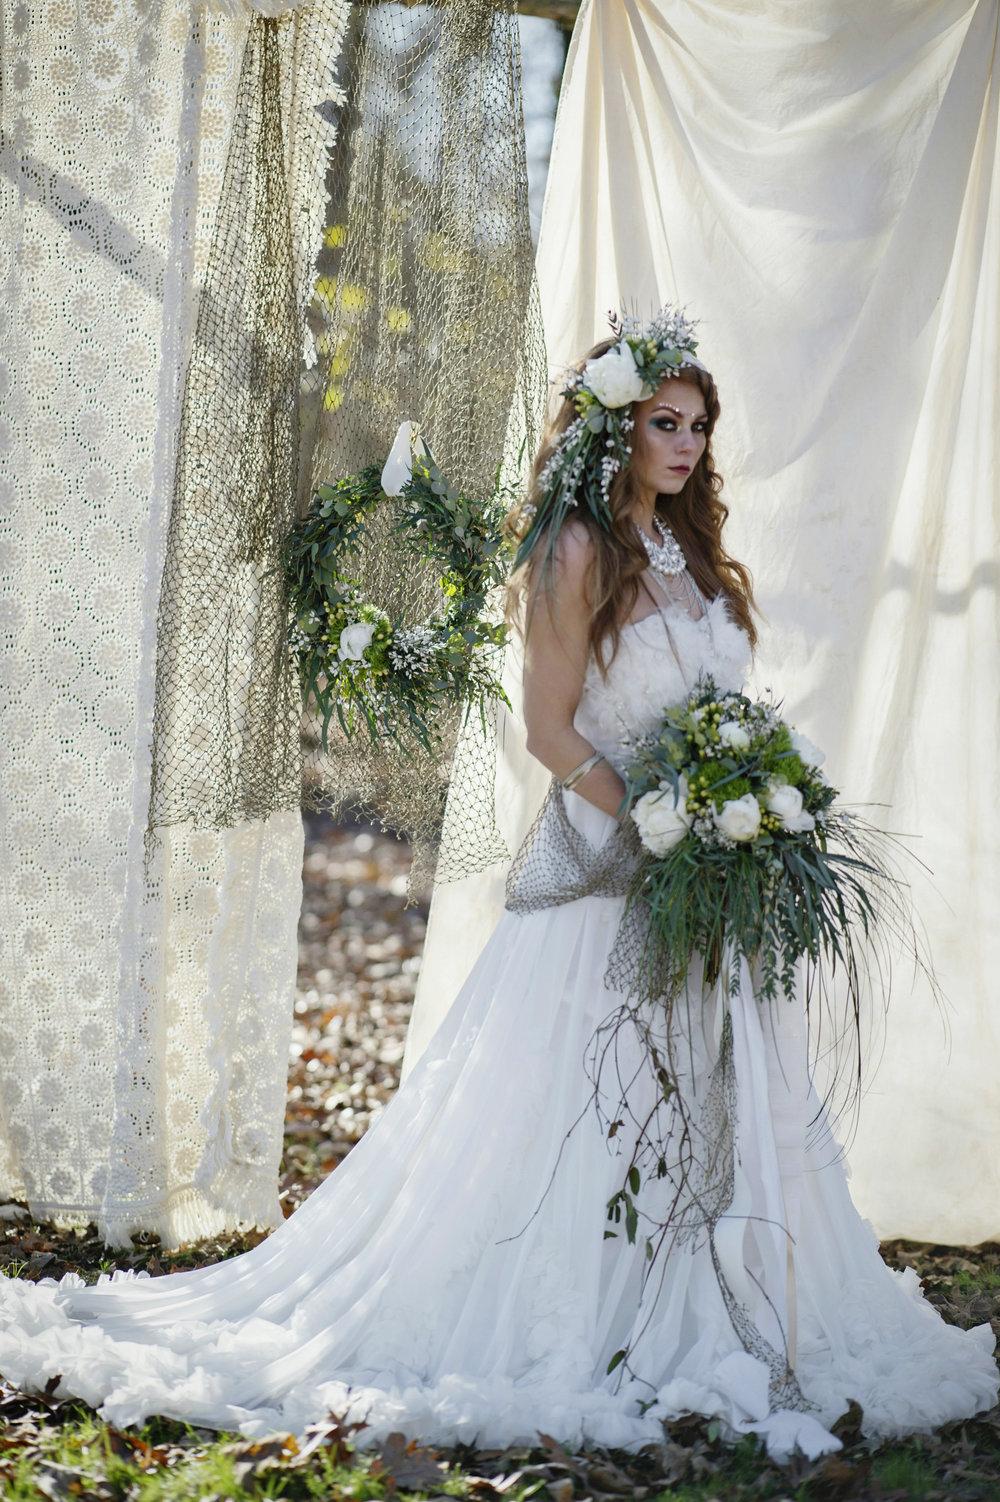 Pirate Bride Dress